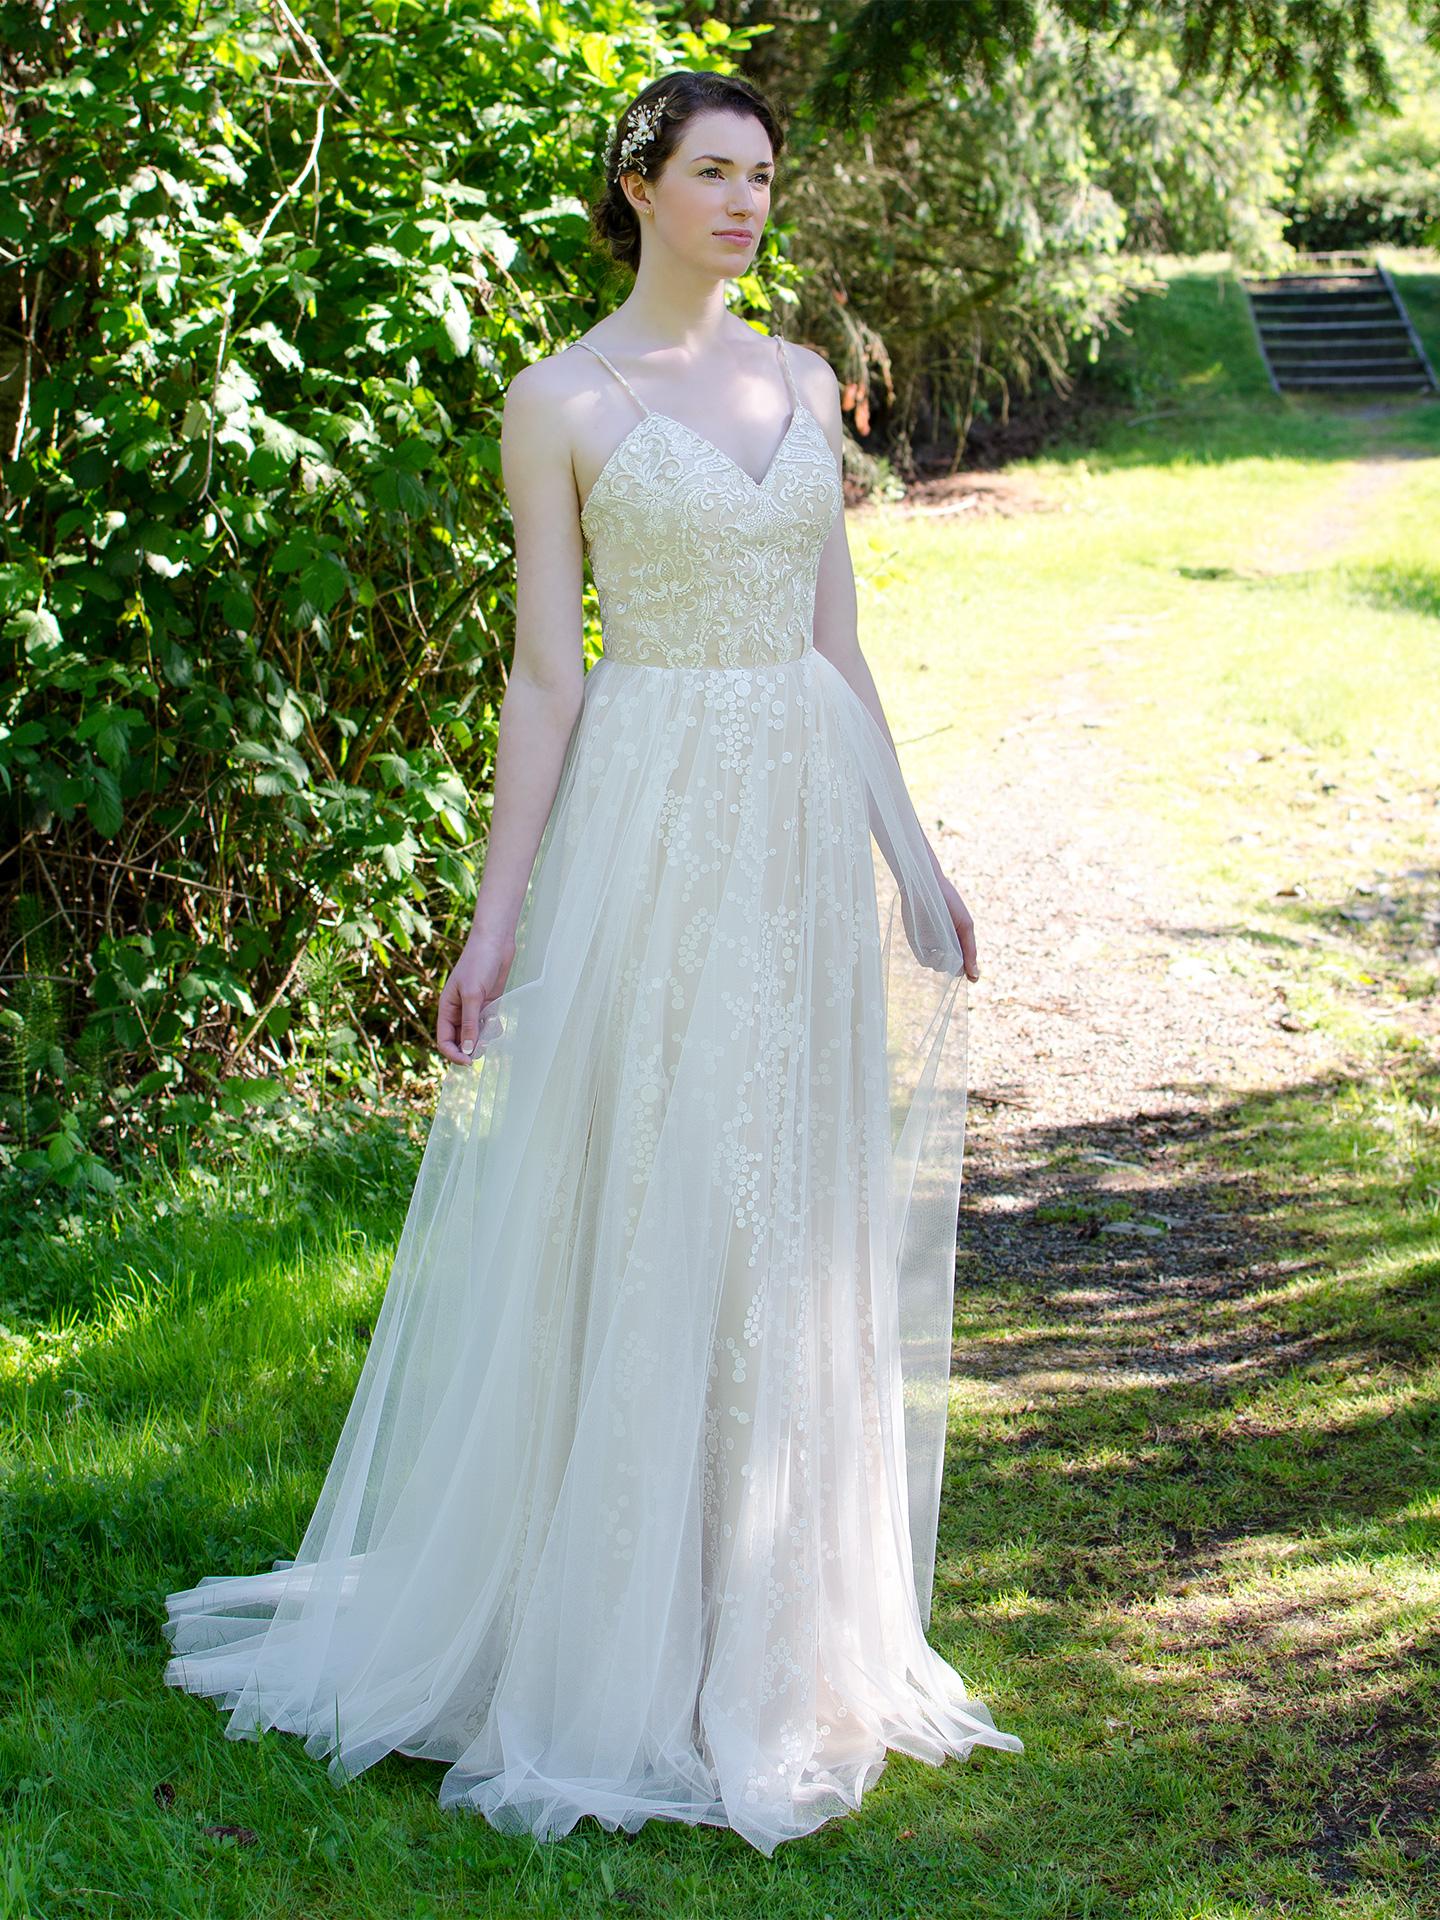 Spaghetti Strap Wedding Dress 4057